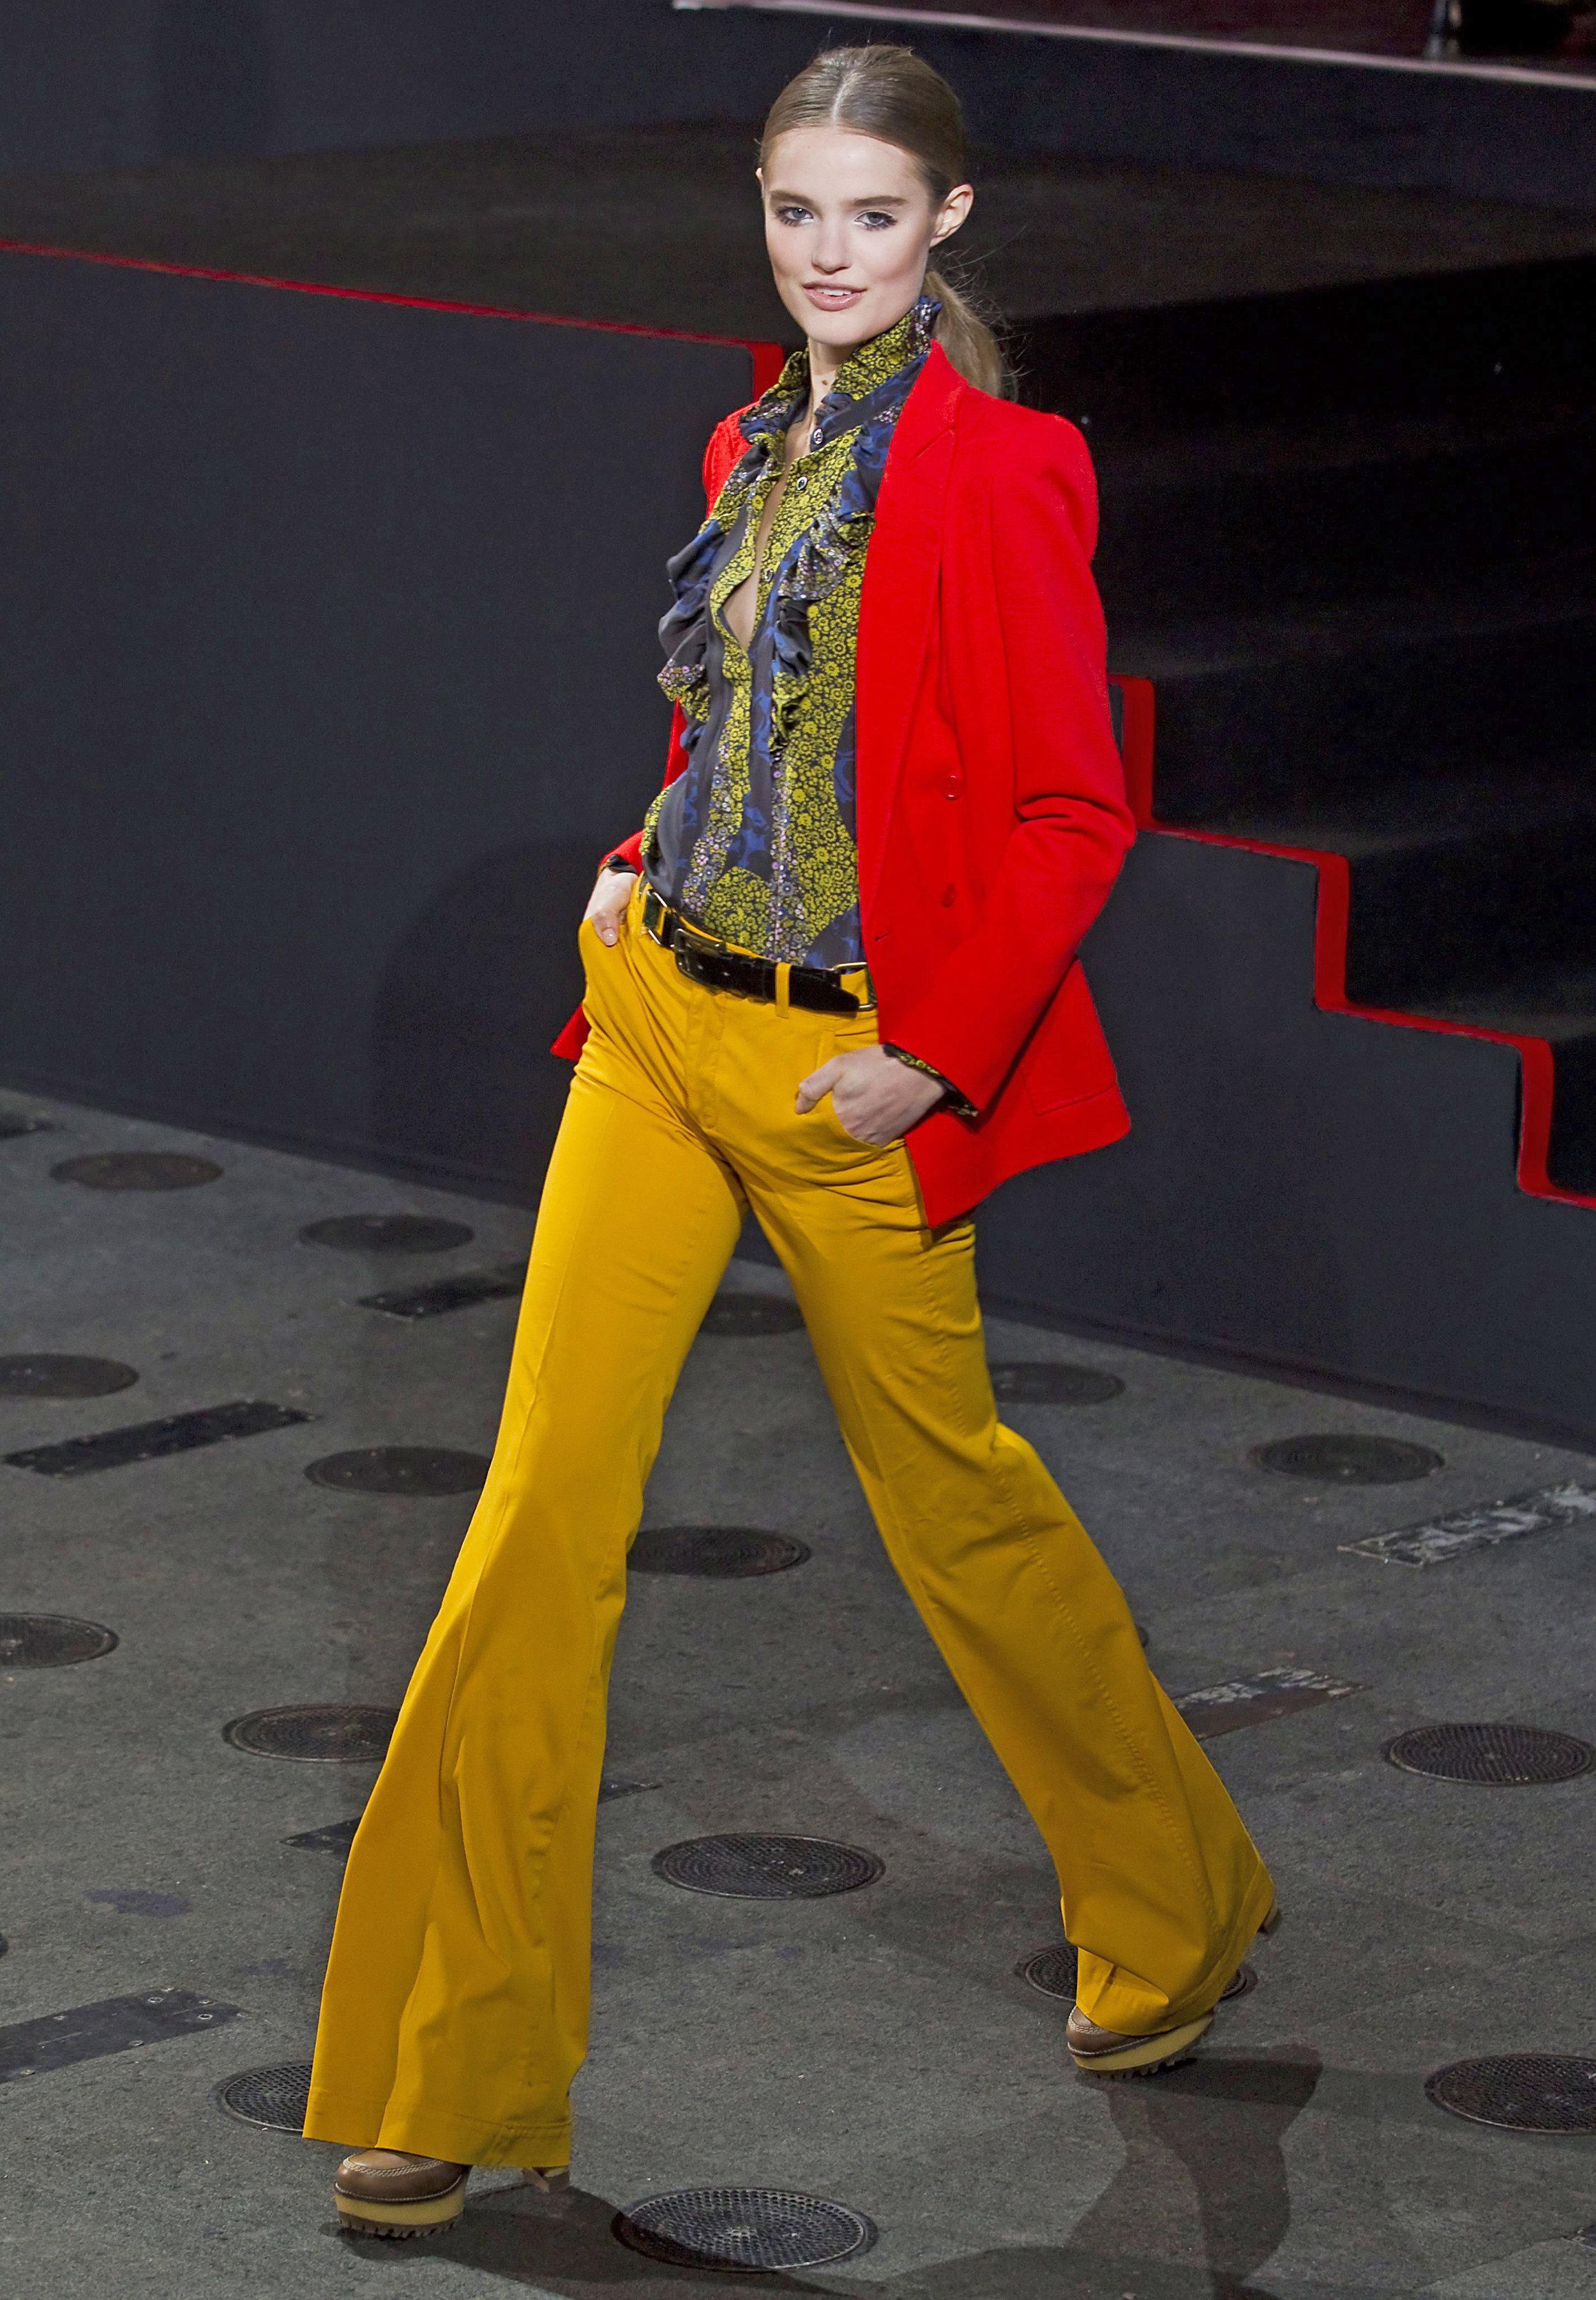 Una modelo presenta una creación de Paul & Joe hoy en la semana de la moda de París (Francia). Foto: IAN LANGSDON